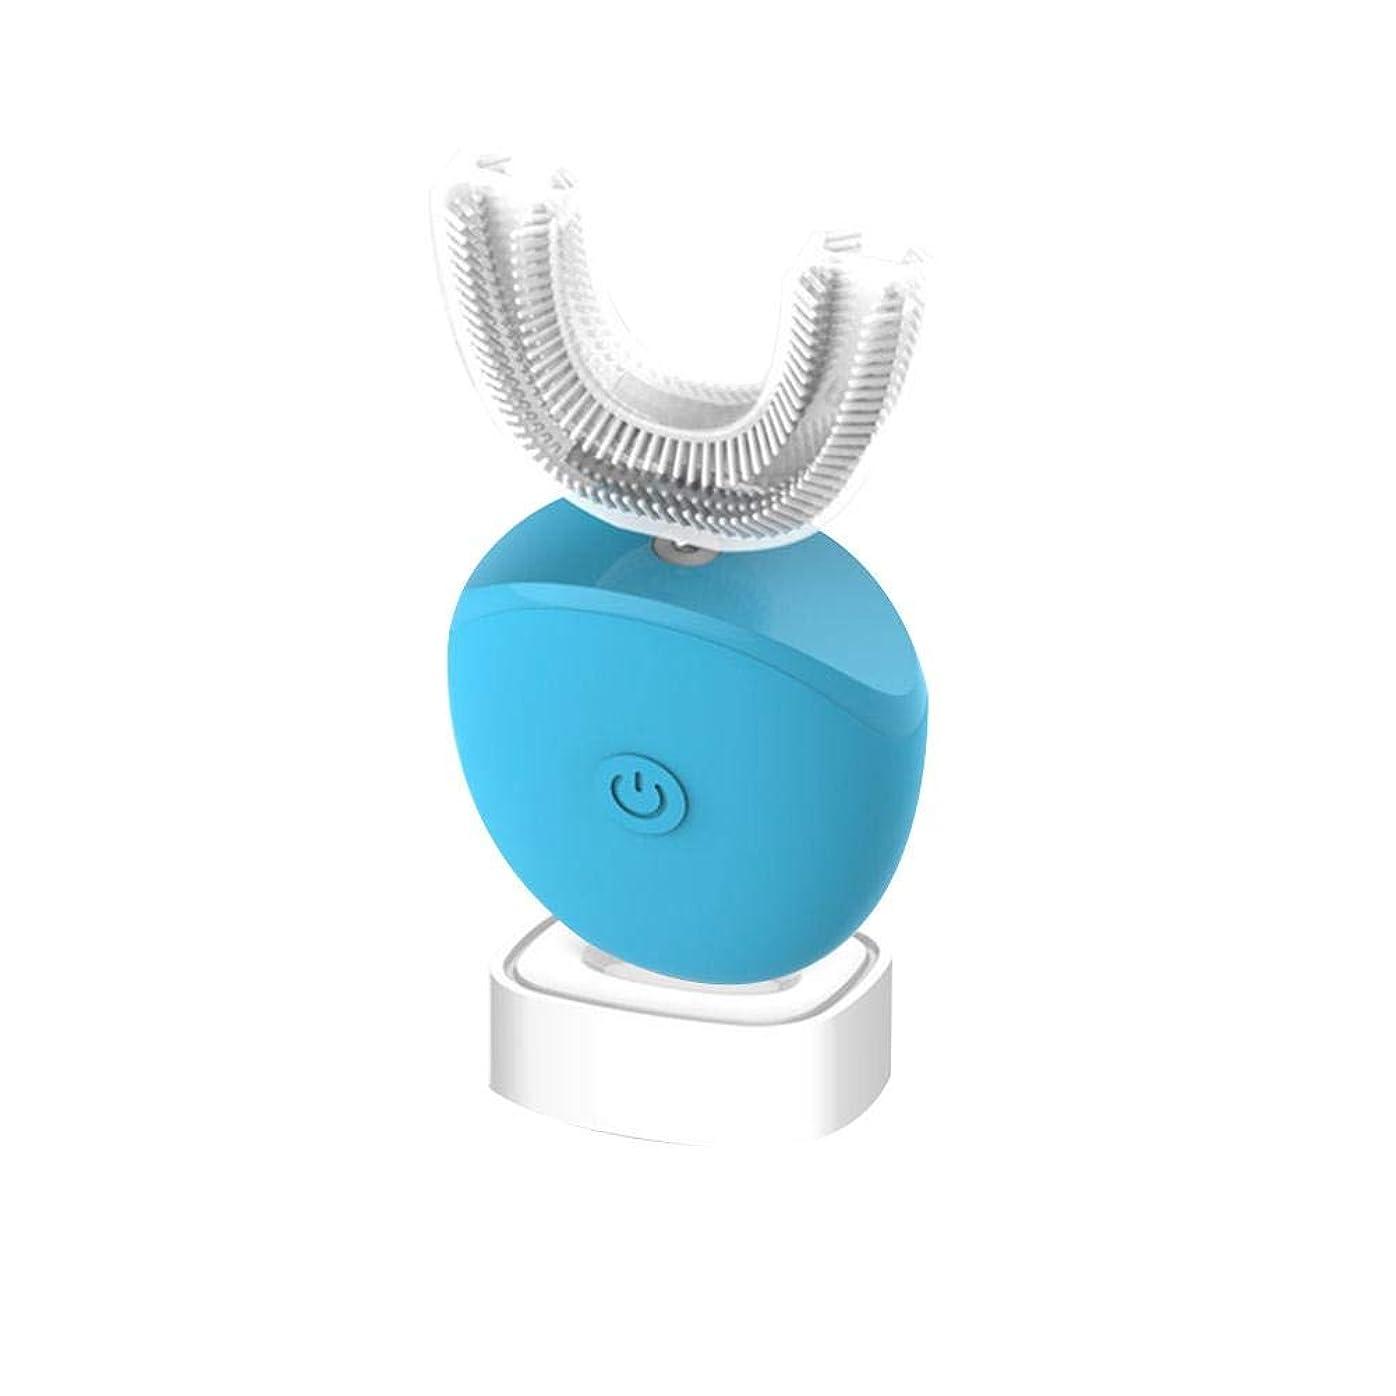 従事するスナッチ結婚式フルオートマチック可変周波数電動歯ブラシ、自動360度U字型電動歯ブラシ、ワイヤレス充電IPX7防水自動歯ブラシ(大人用),Blue